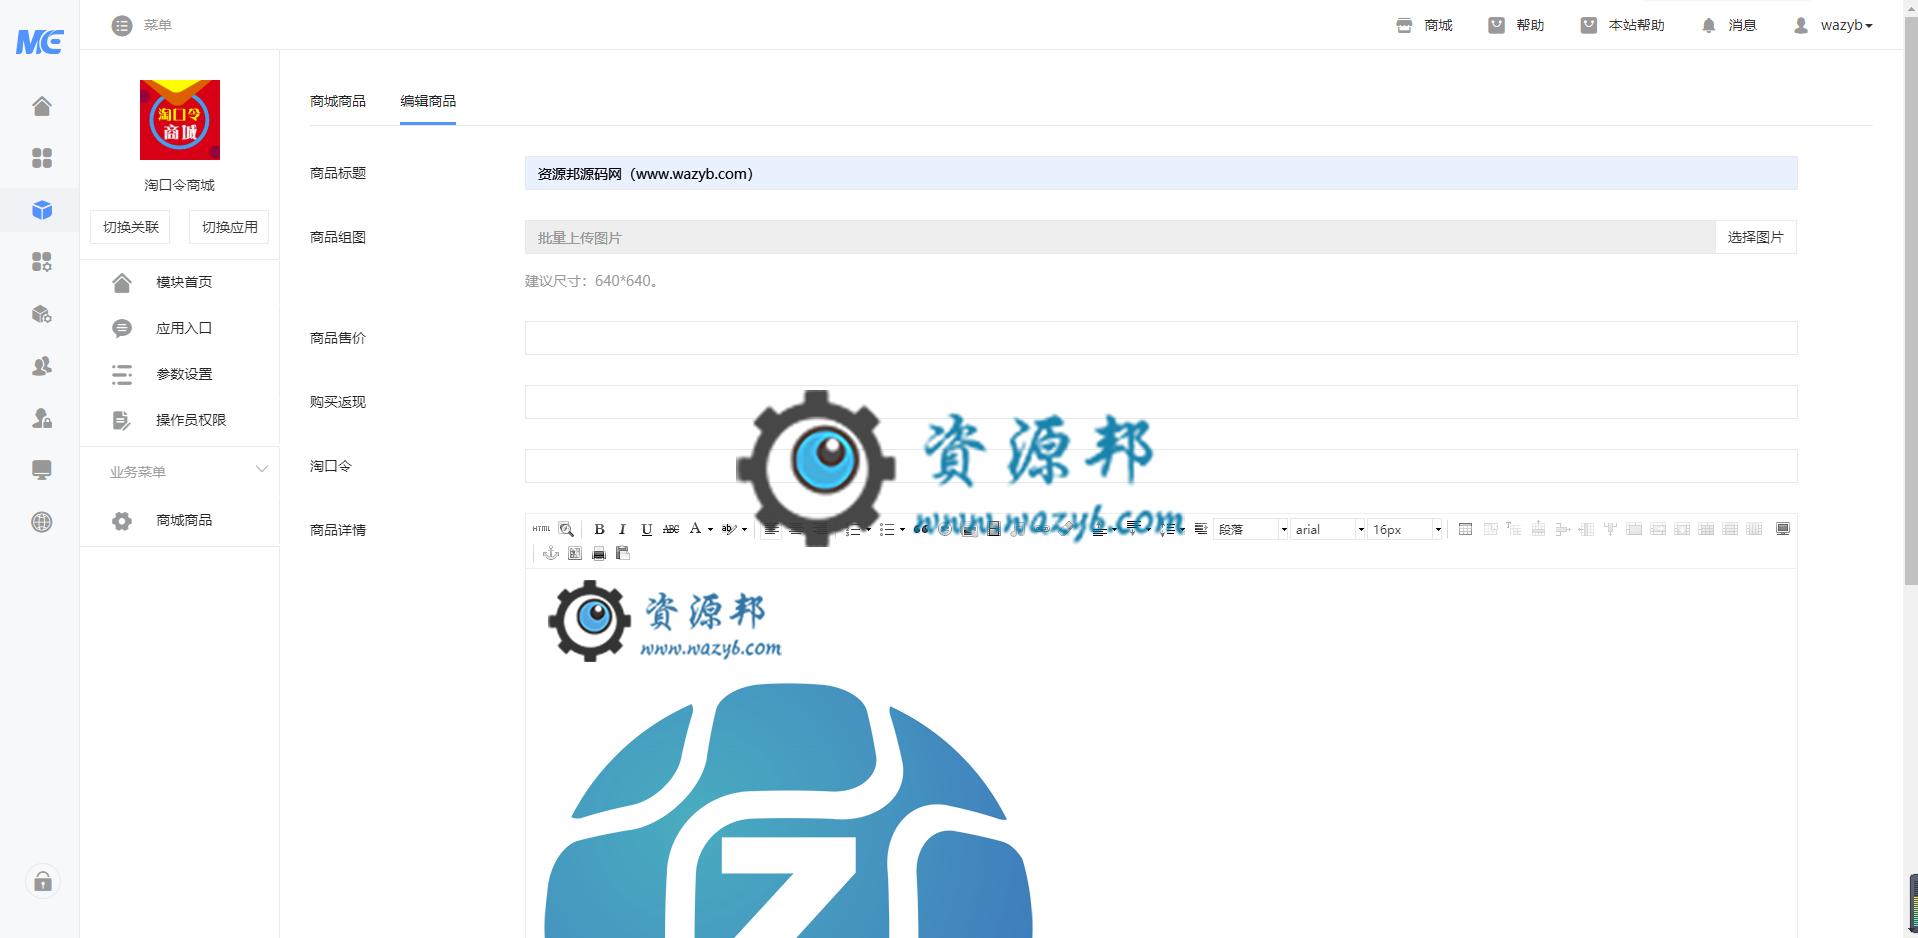 【公众号应用】淘口令商城V1.0.0原版模块打包 公众号应用 第3张